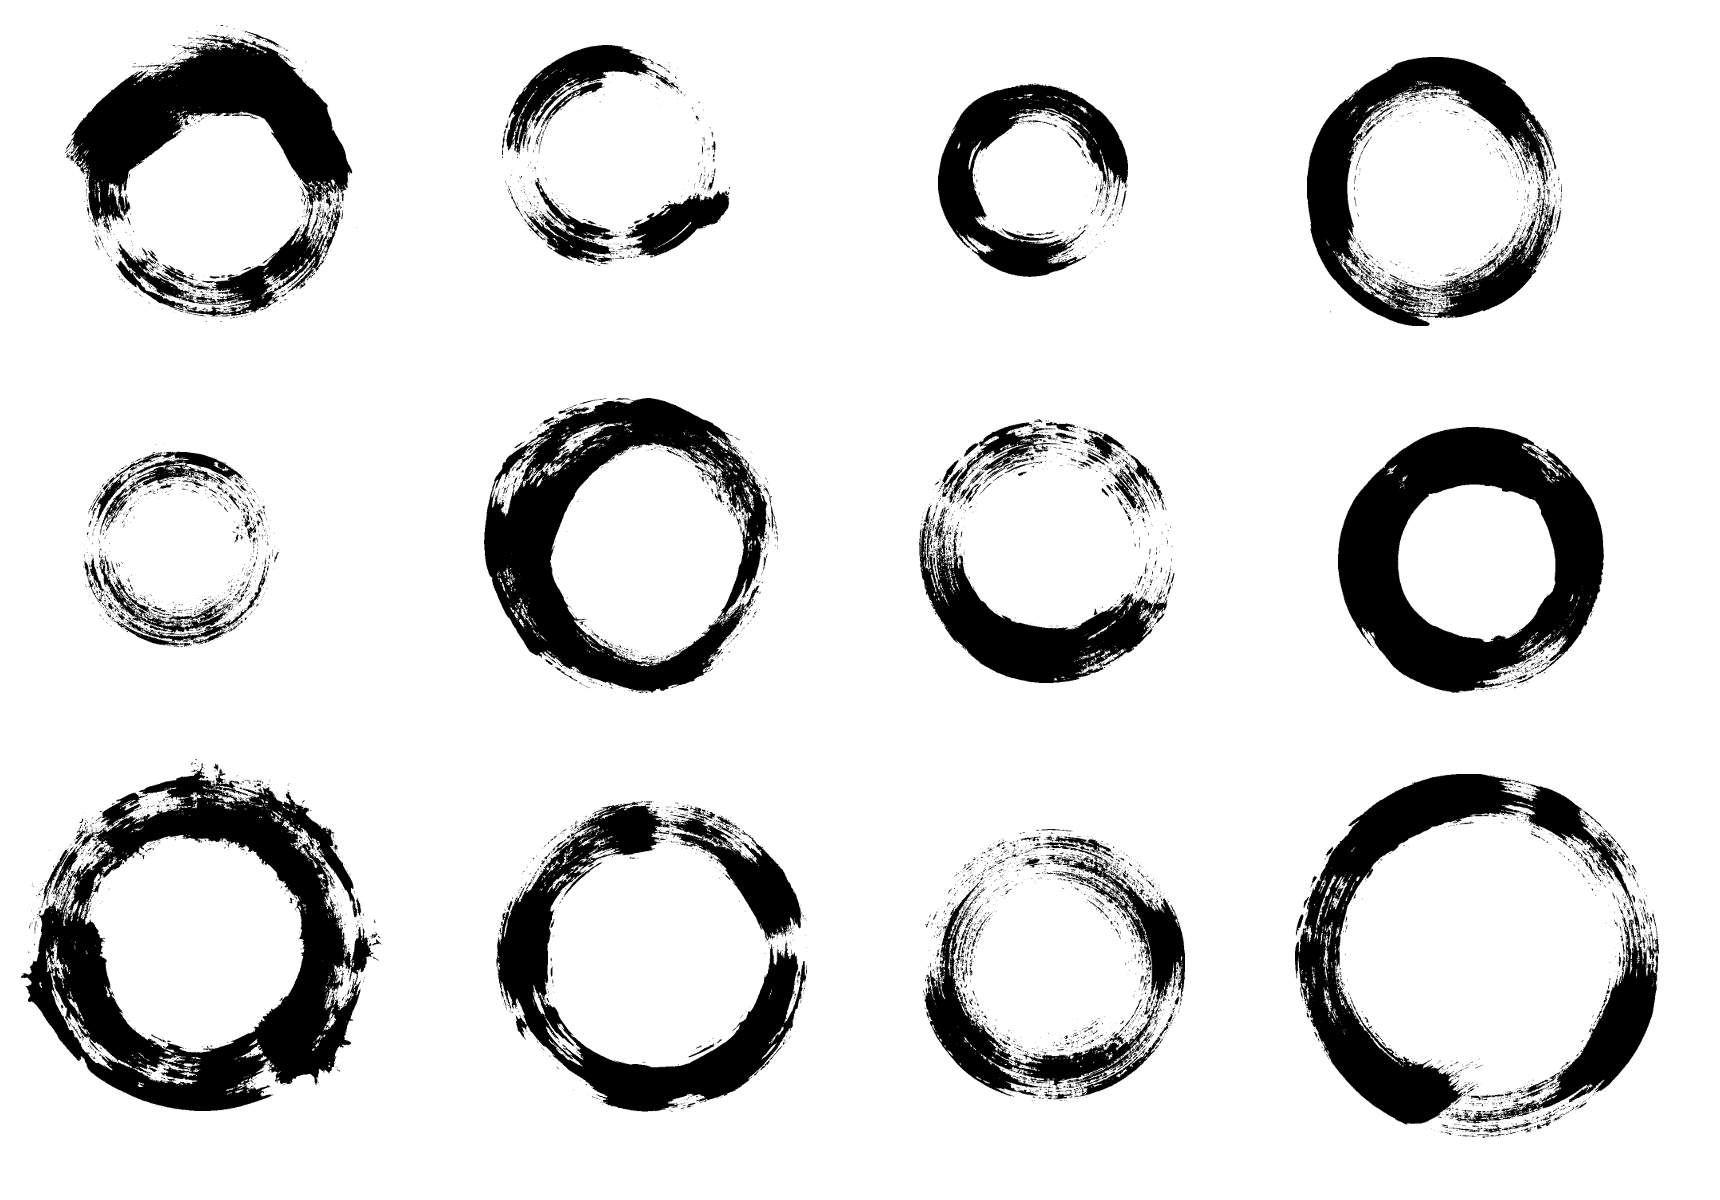 12 Grunge Circle Brush Stroke Png Transparent Onlygfx Com Brush Stroke Png Brush Strokes Brush